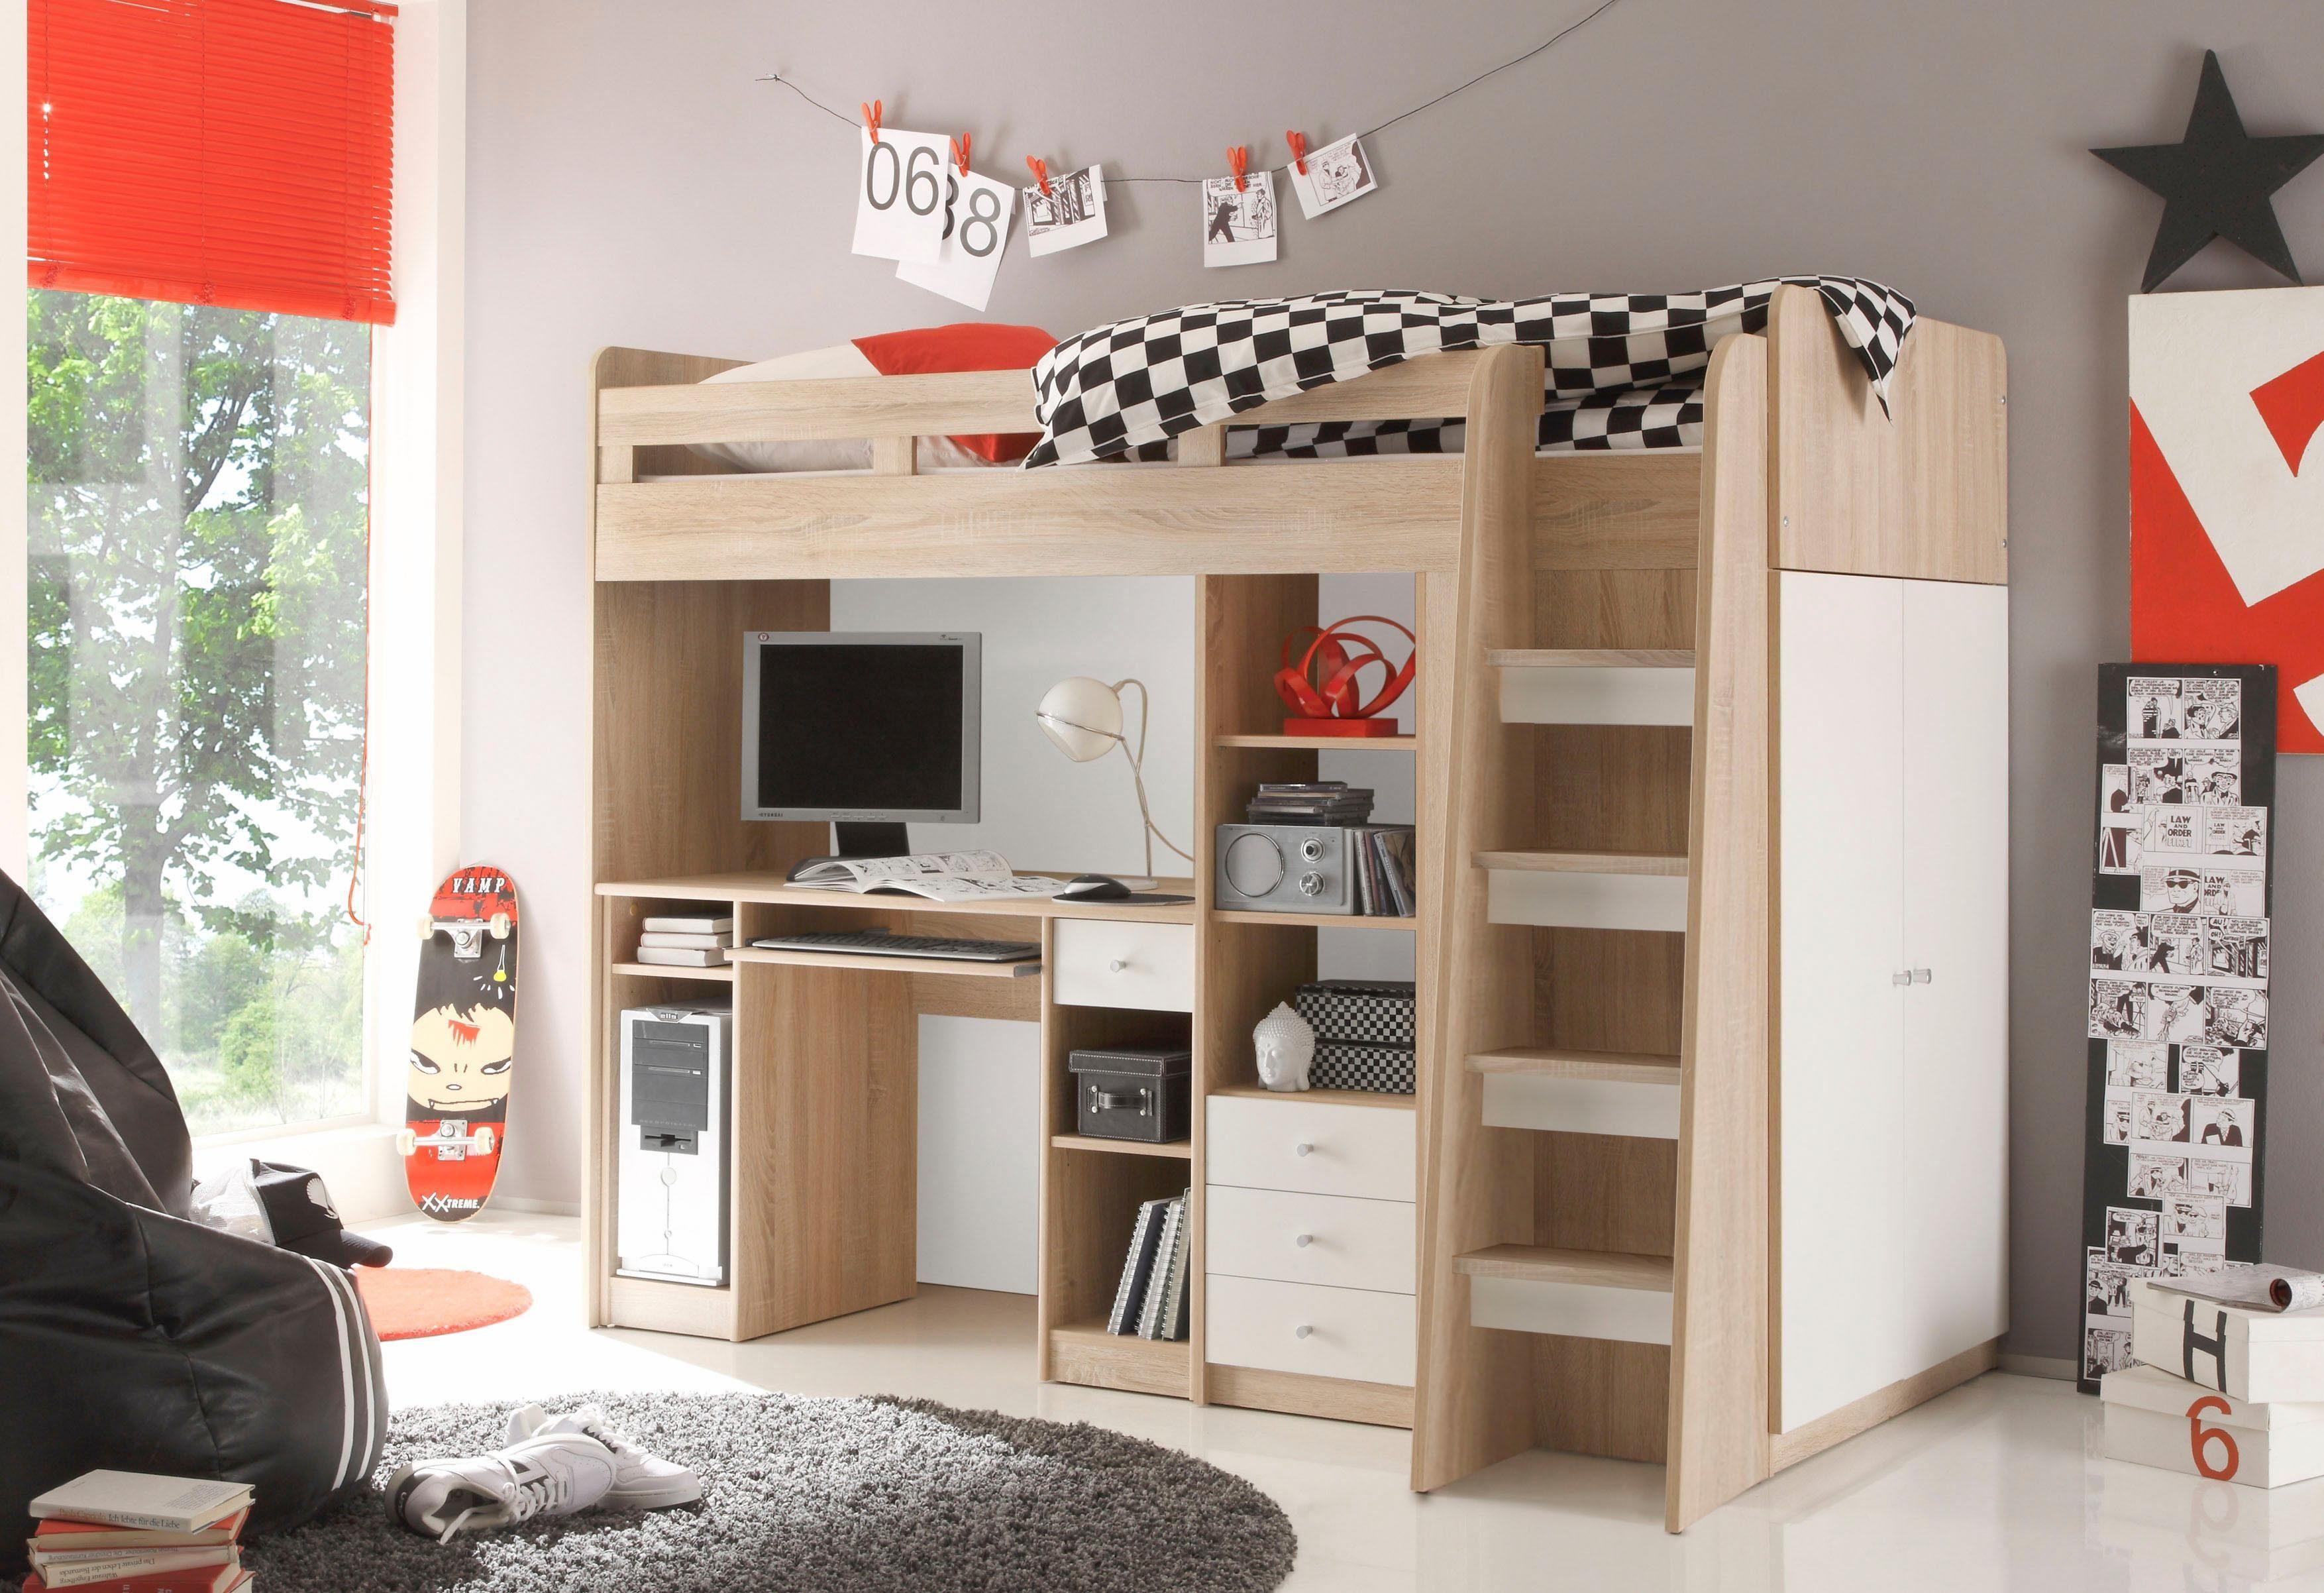 Dreier Etagenbett Erwachsene : Hochbett etagenbett günstig online kaufen und sparen